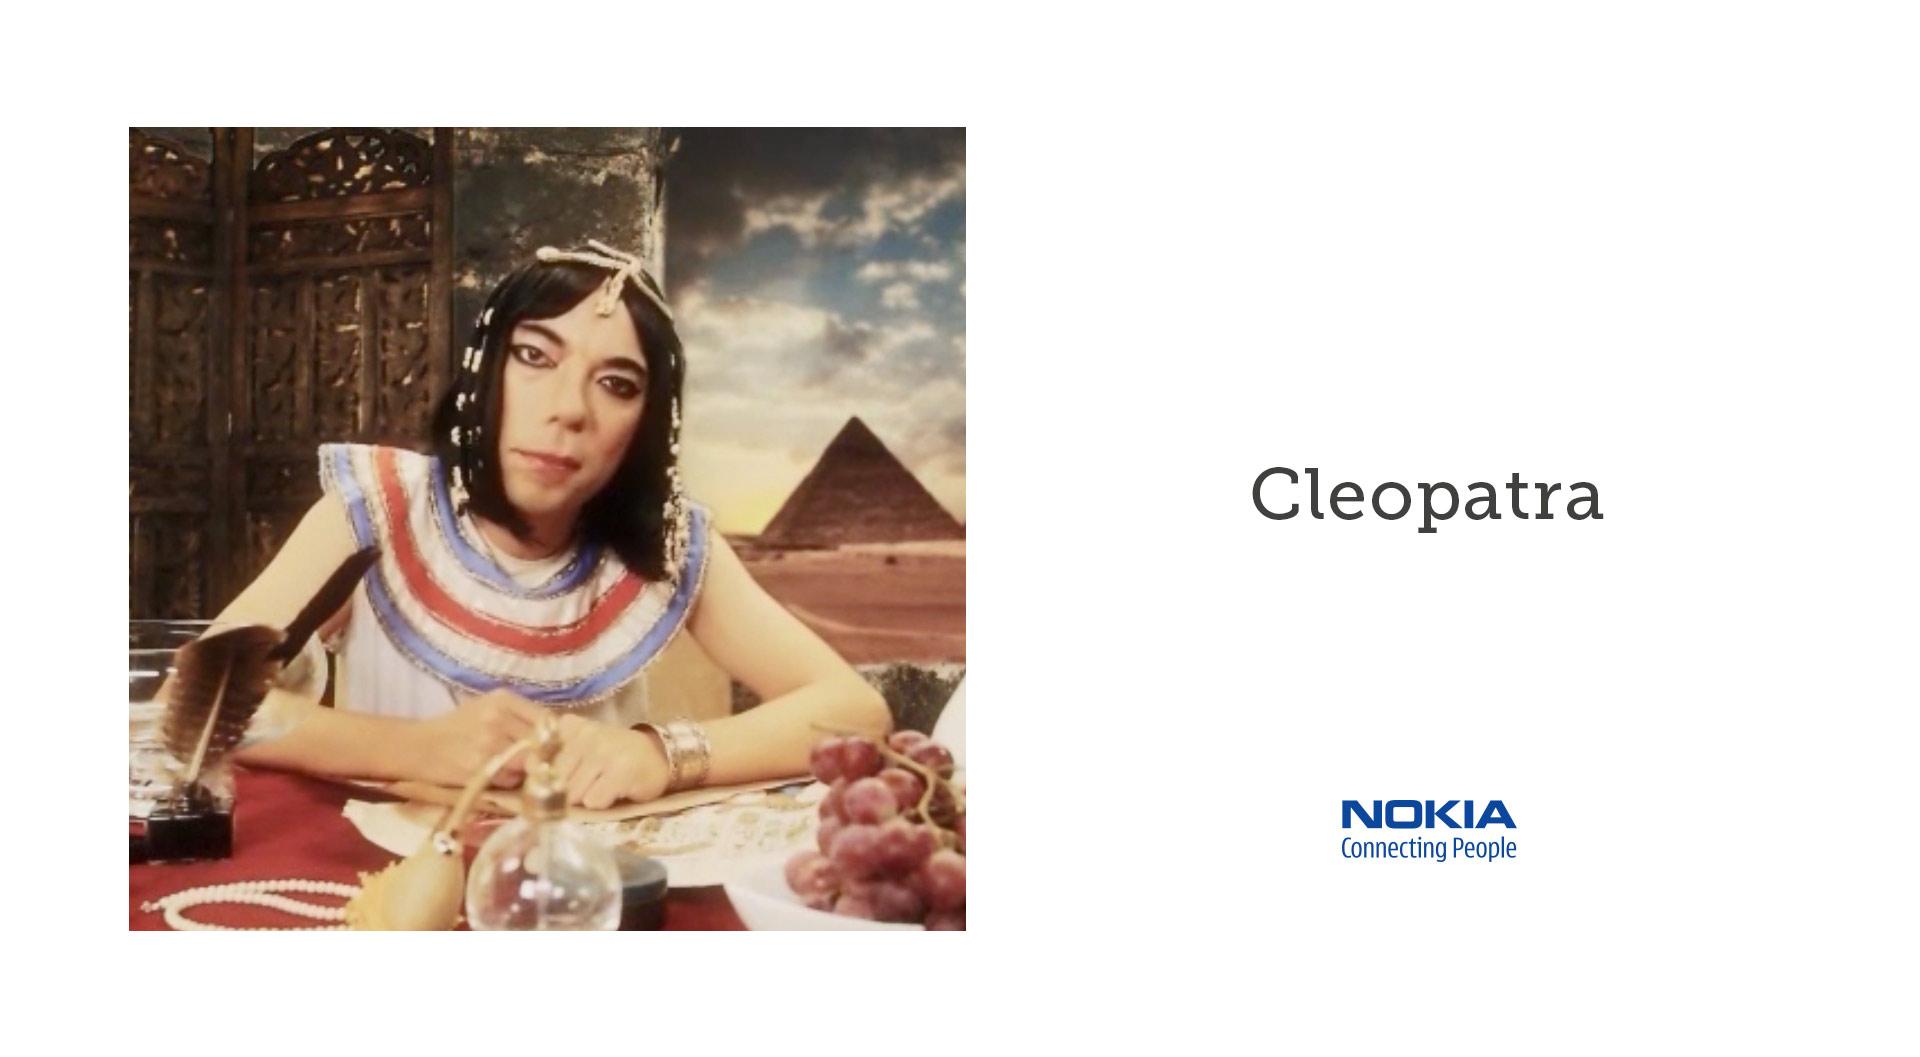 nokia_cleopatra